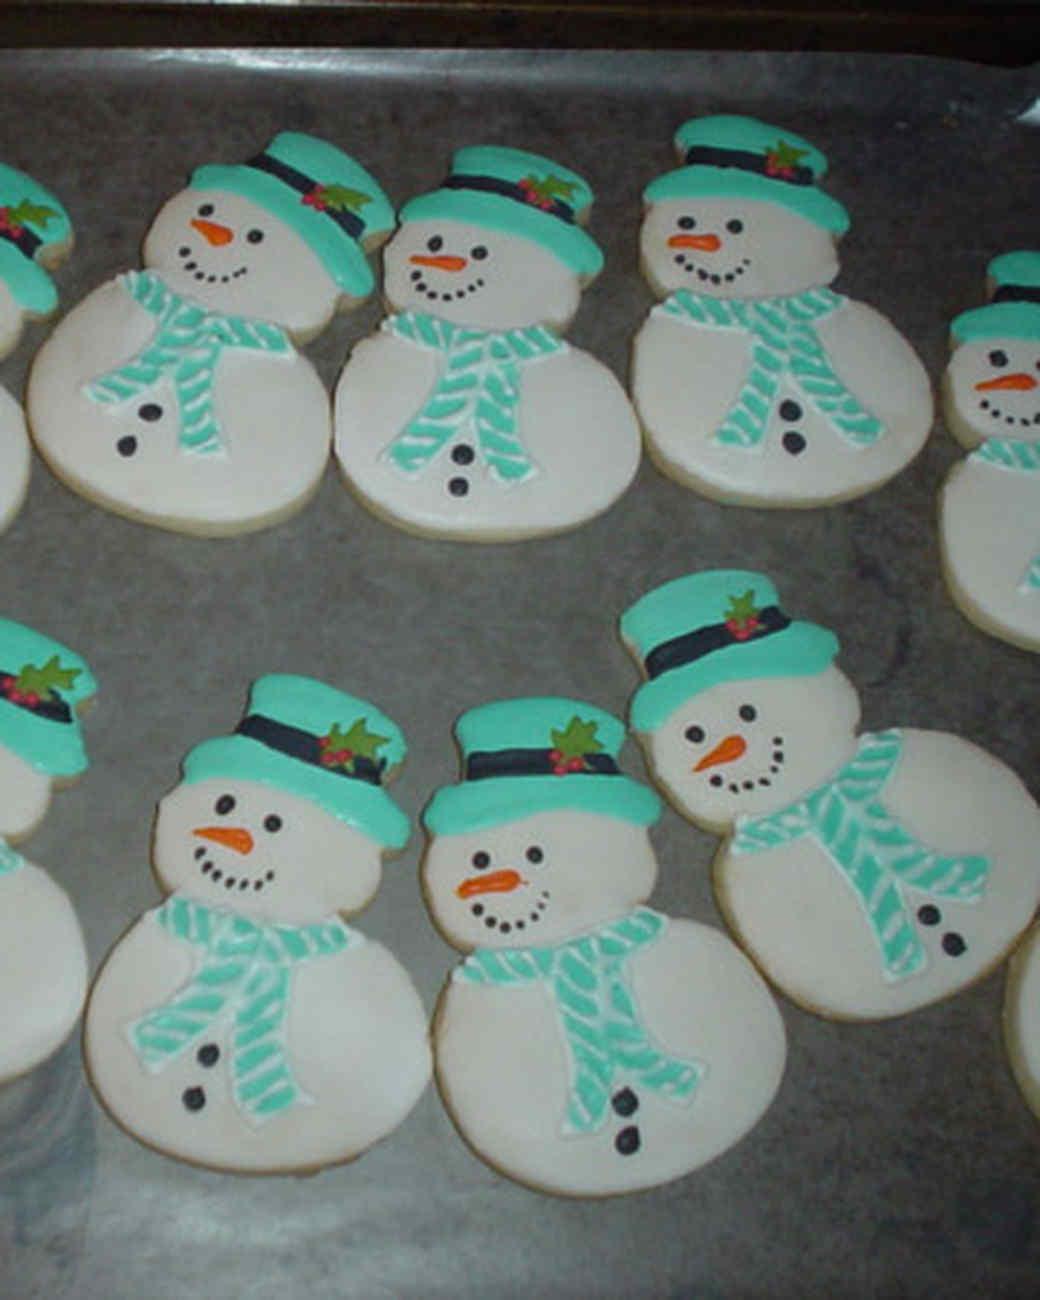 cookie_ugc_1209_5412423_10941211.jpg